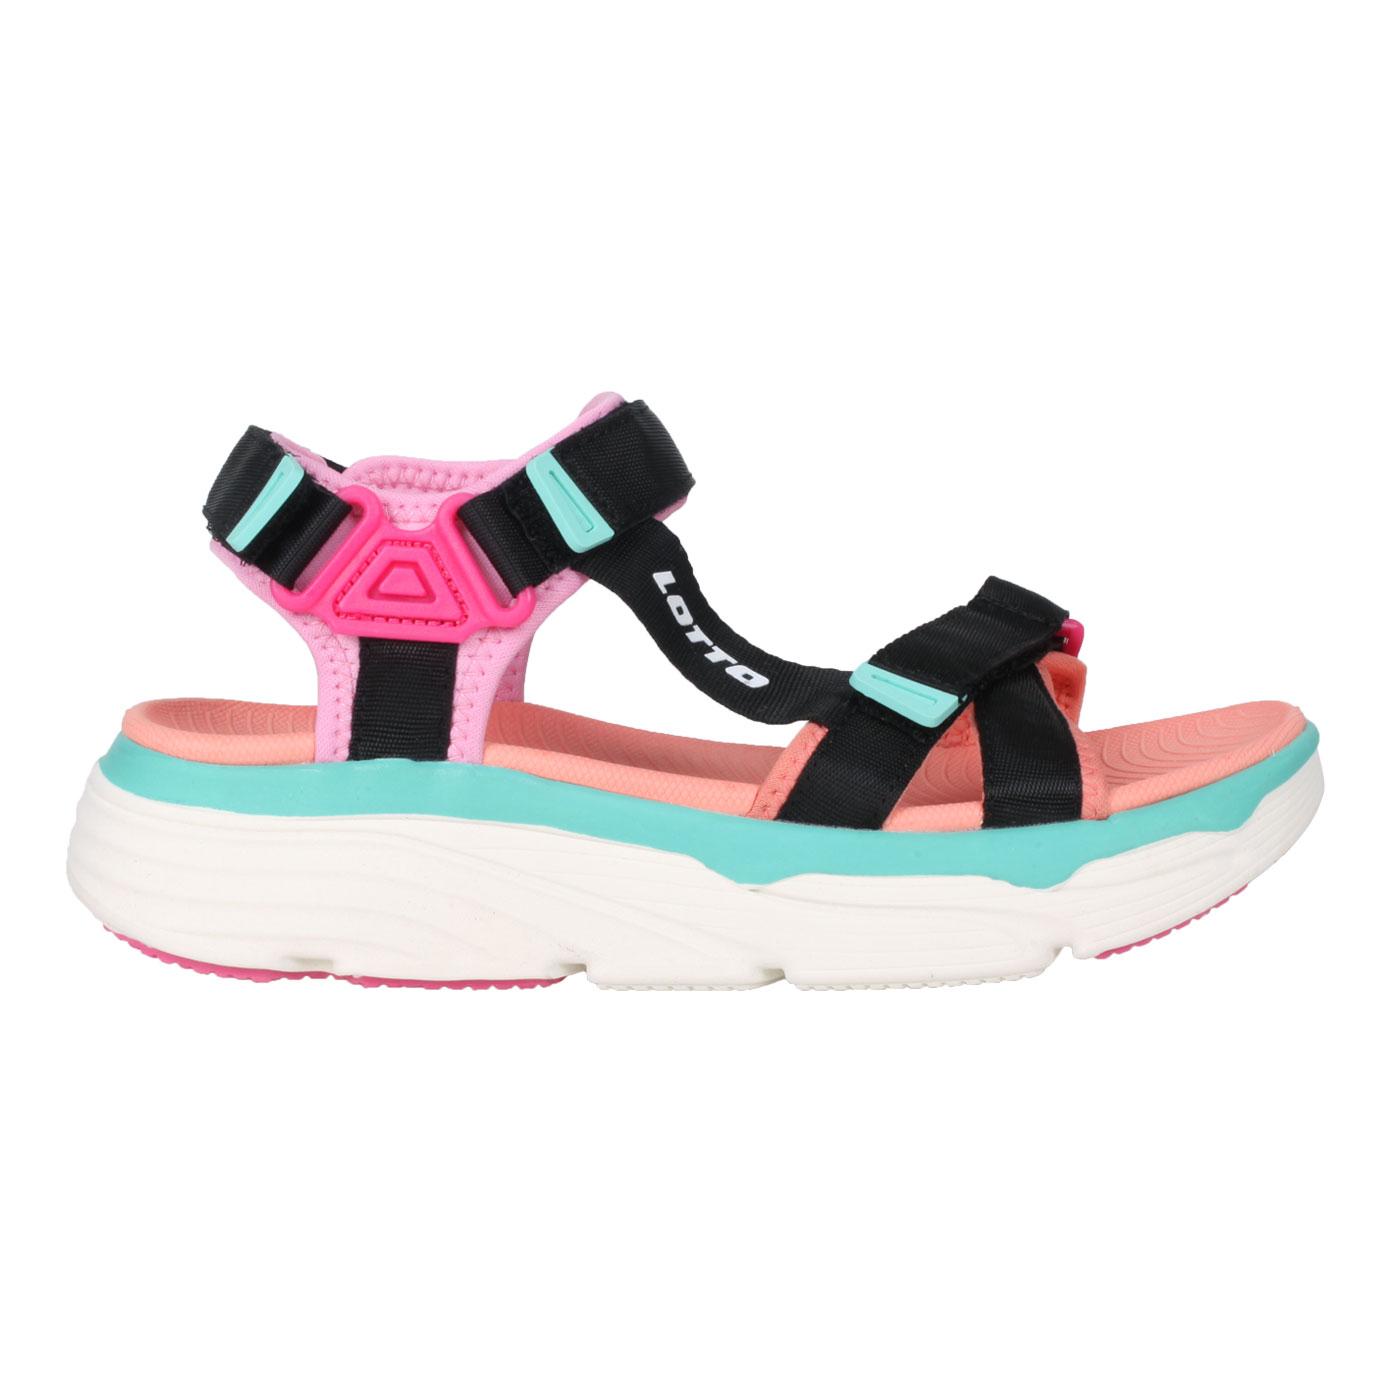 LOTTO 女款美型厚底涼鞋 LT1AWS3292